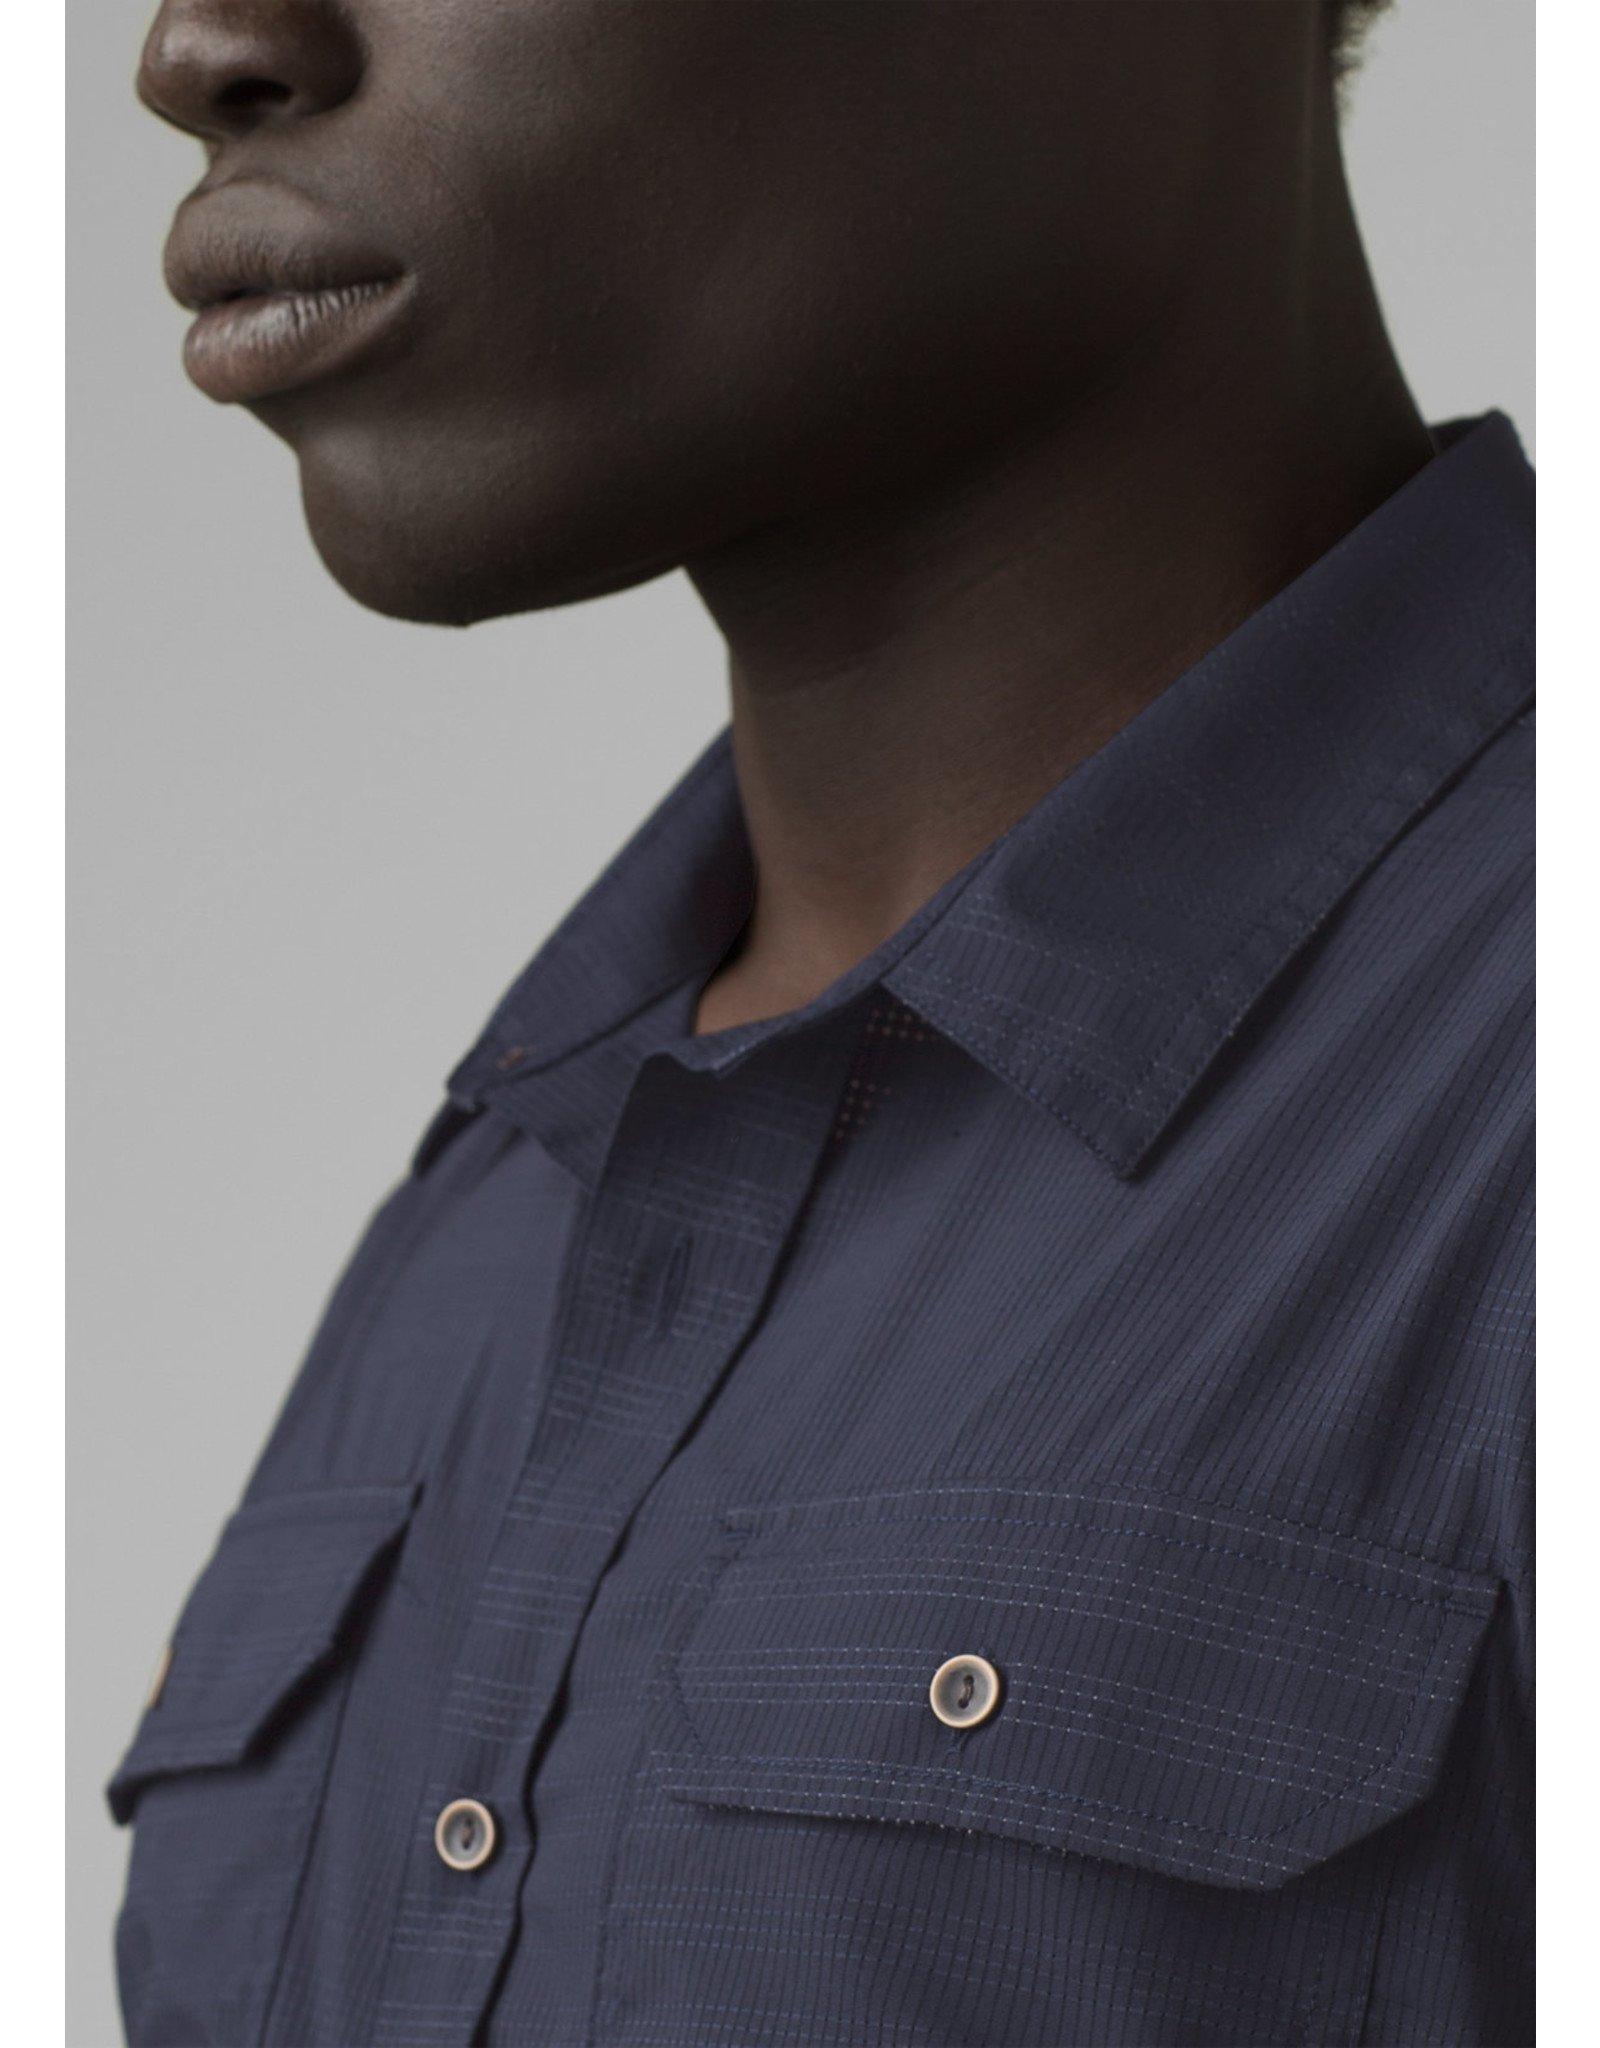 Prana M11170332 Cayman Shirt